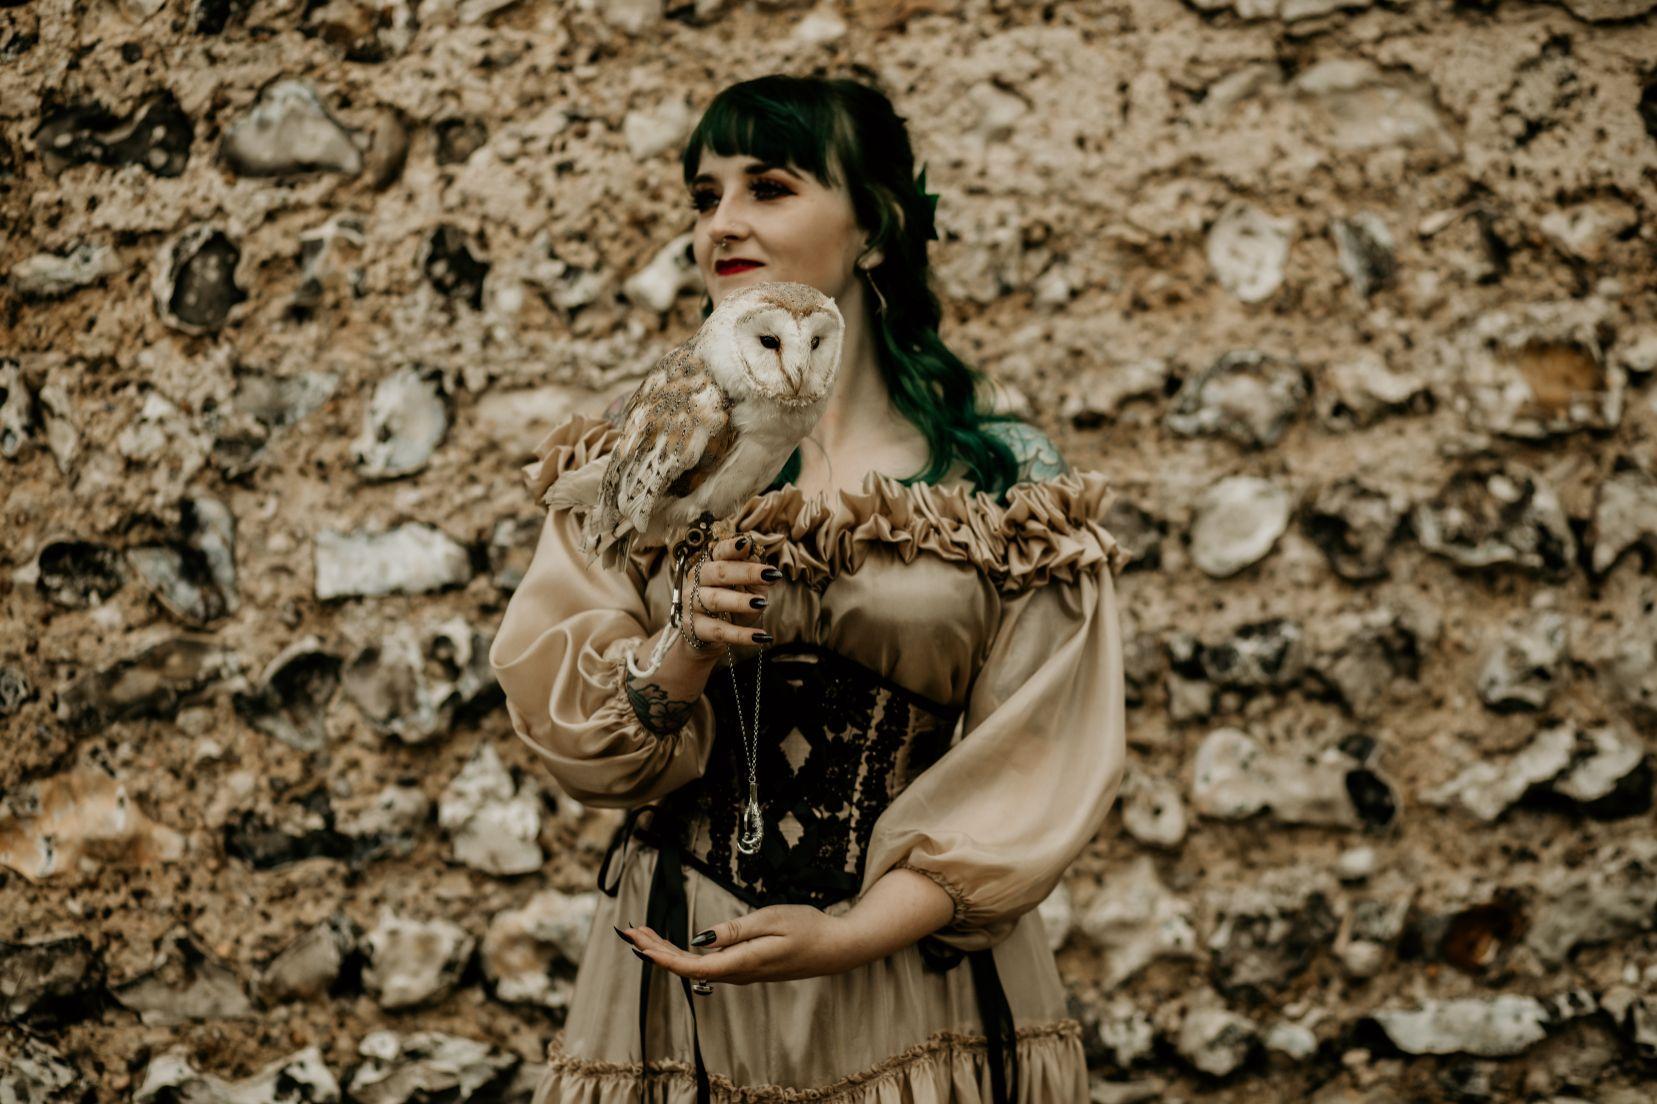 alternative fairytale wedding- snow white wedding- charlotte laurie designs-chloe mary photo- unconventional wedding- alternative wedding inspiration- wedding owl- alternative bridalwear